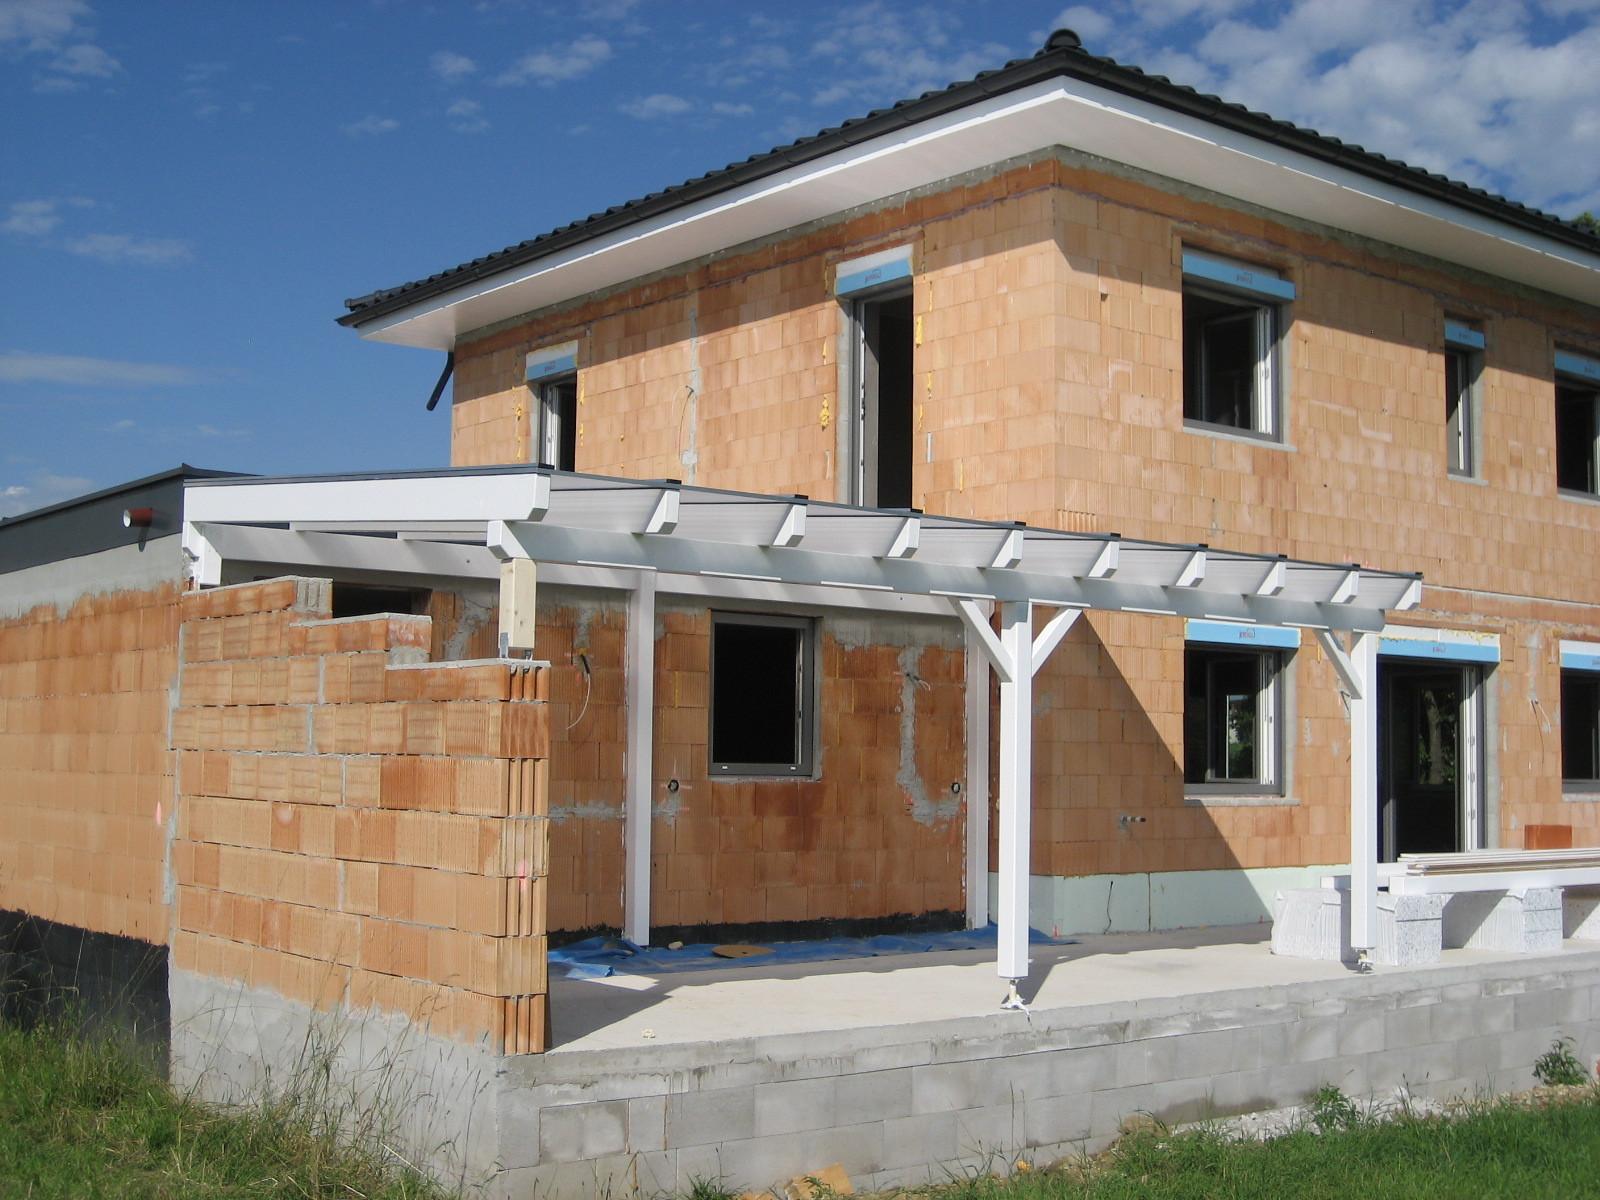 Terrassenüberdachung mit Thermoclear Stegplatten & Dachstuhl mit waagrechter Untersichtschalung